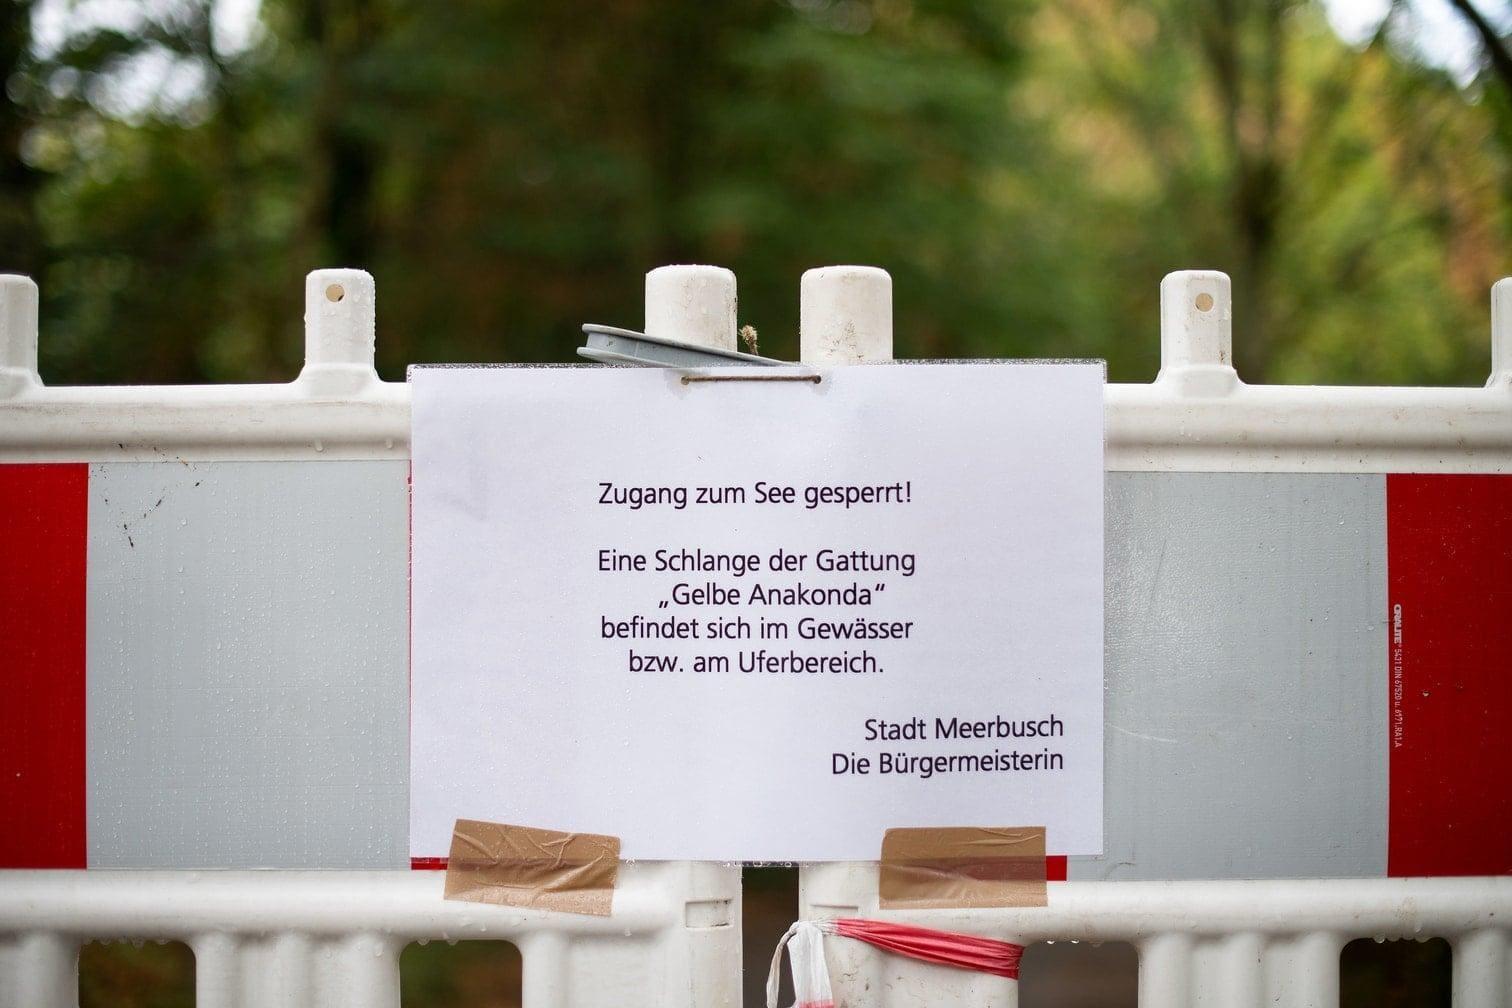 <p>Wegen einer zwei Meter langen Würgeschlange hat die Stadt Meerbusch bei Düsseldorf einen beliebten Ausflugssee gesperrt.&nbsp;</p> Foto: dpa